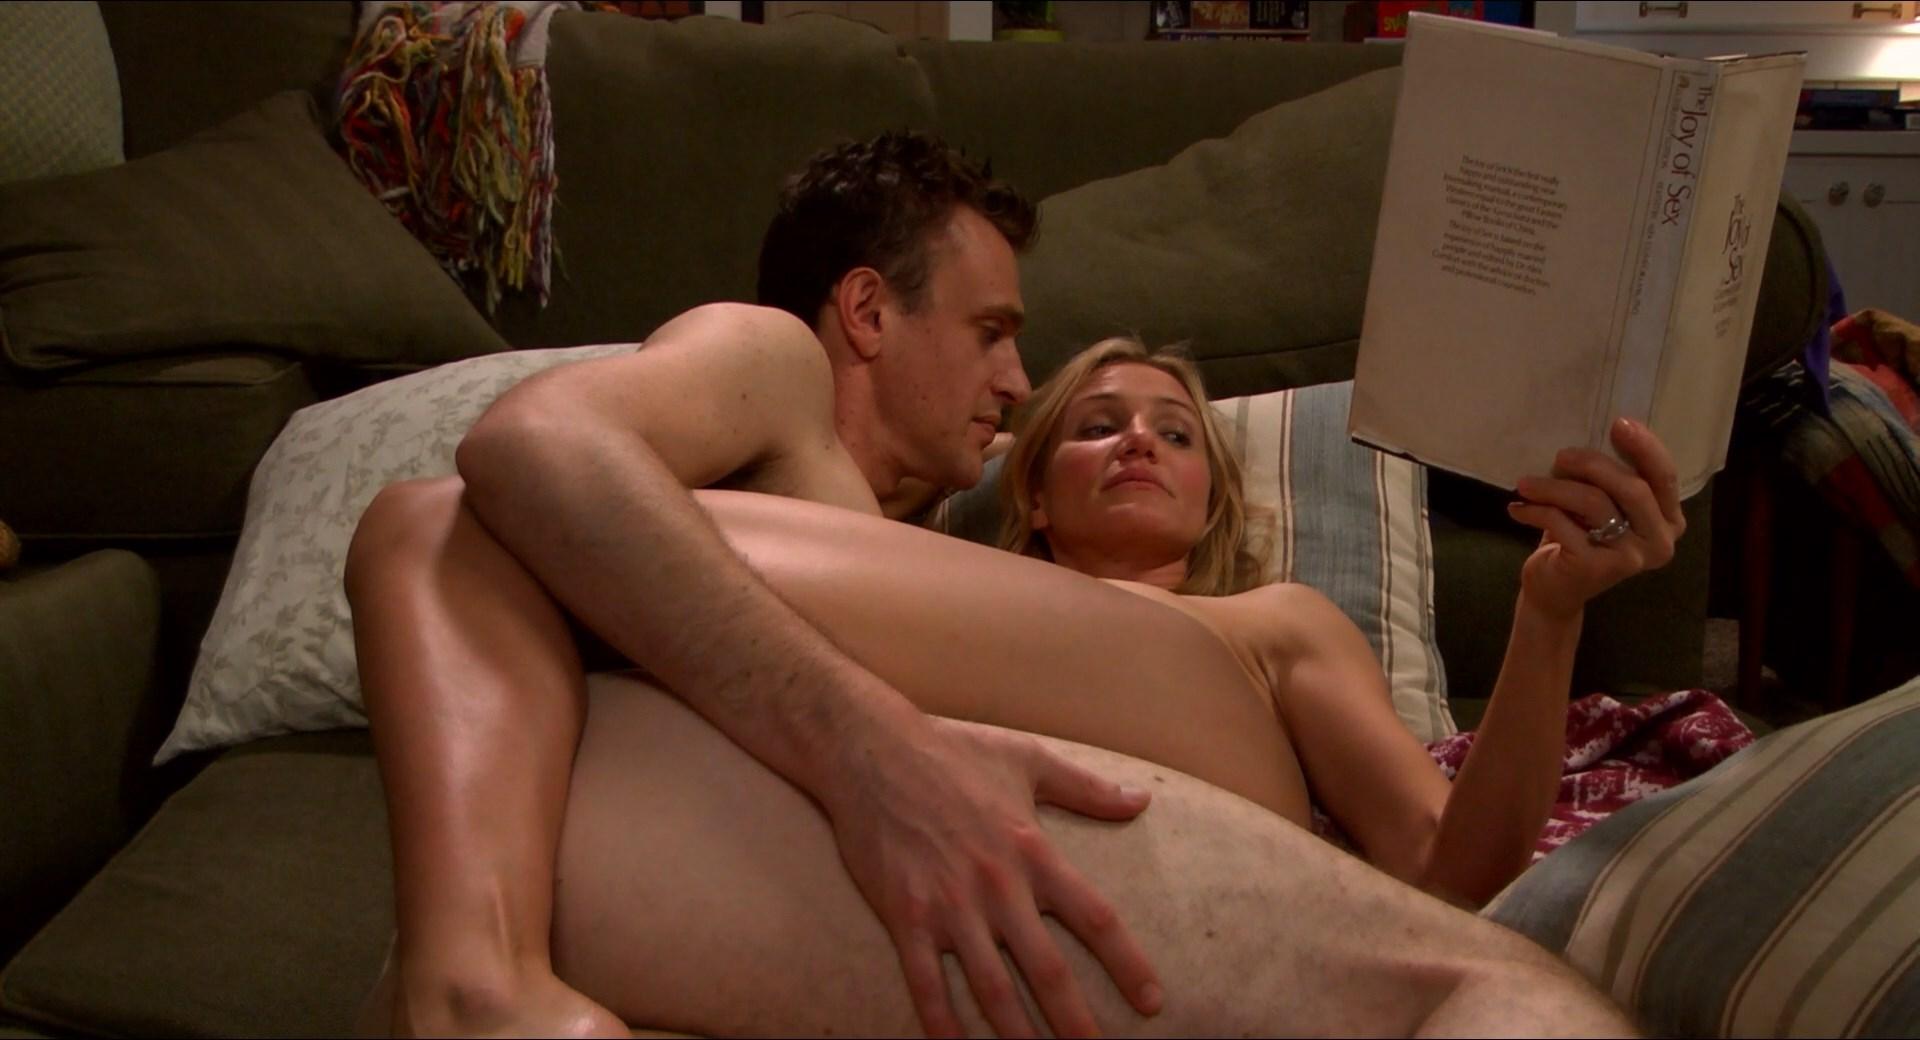 Cameron Diaz Hot Sex Scene And Full Nude Scene In Sex Tape